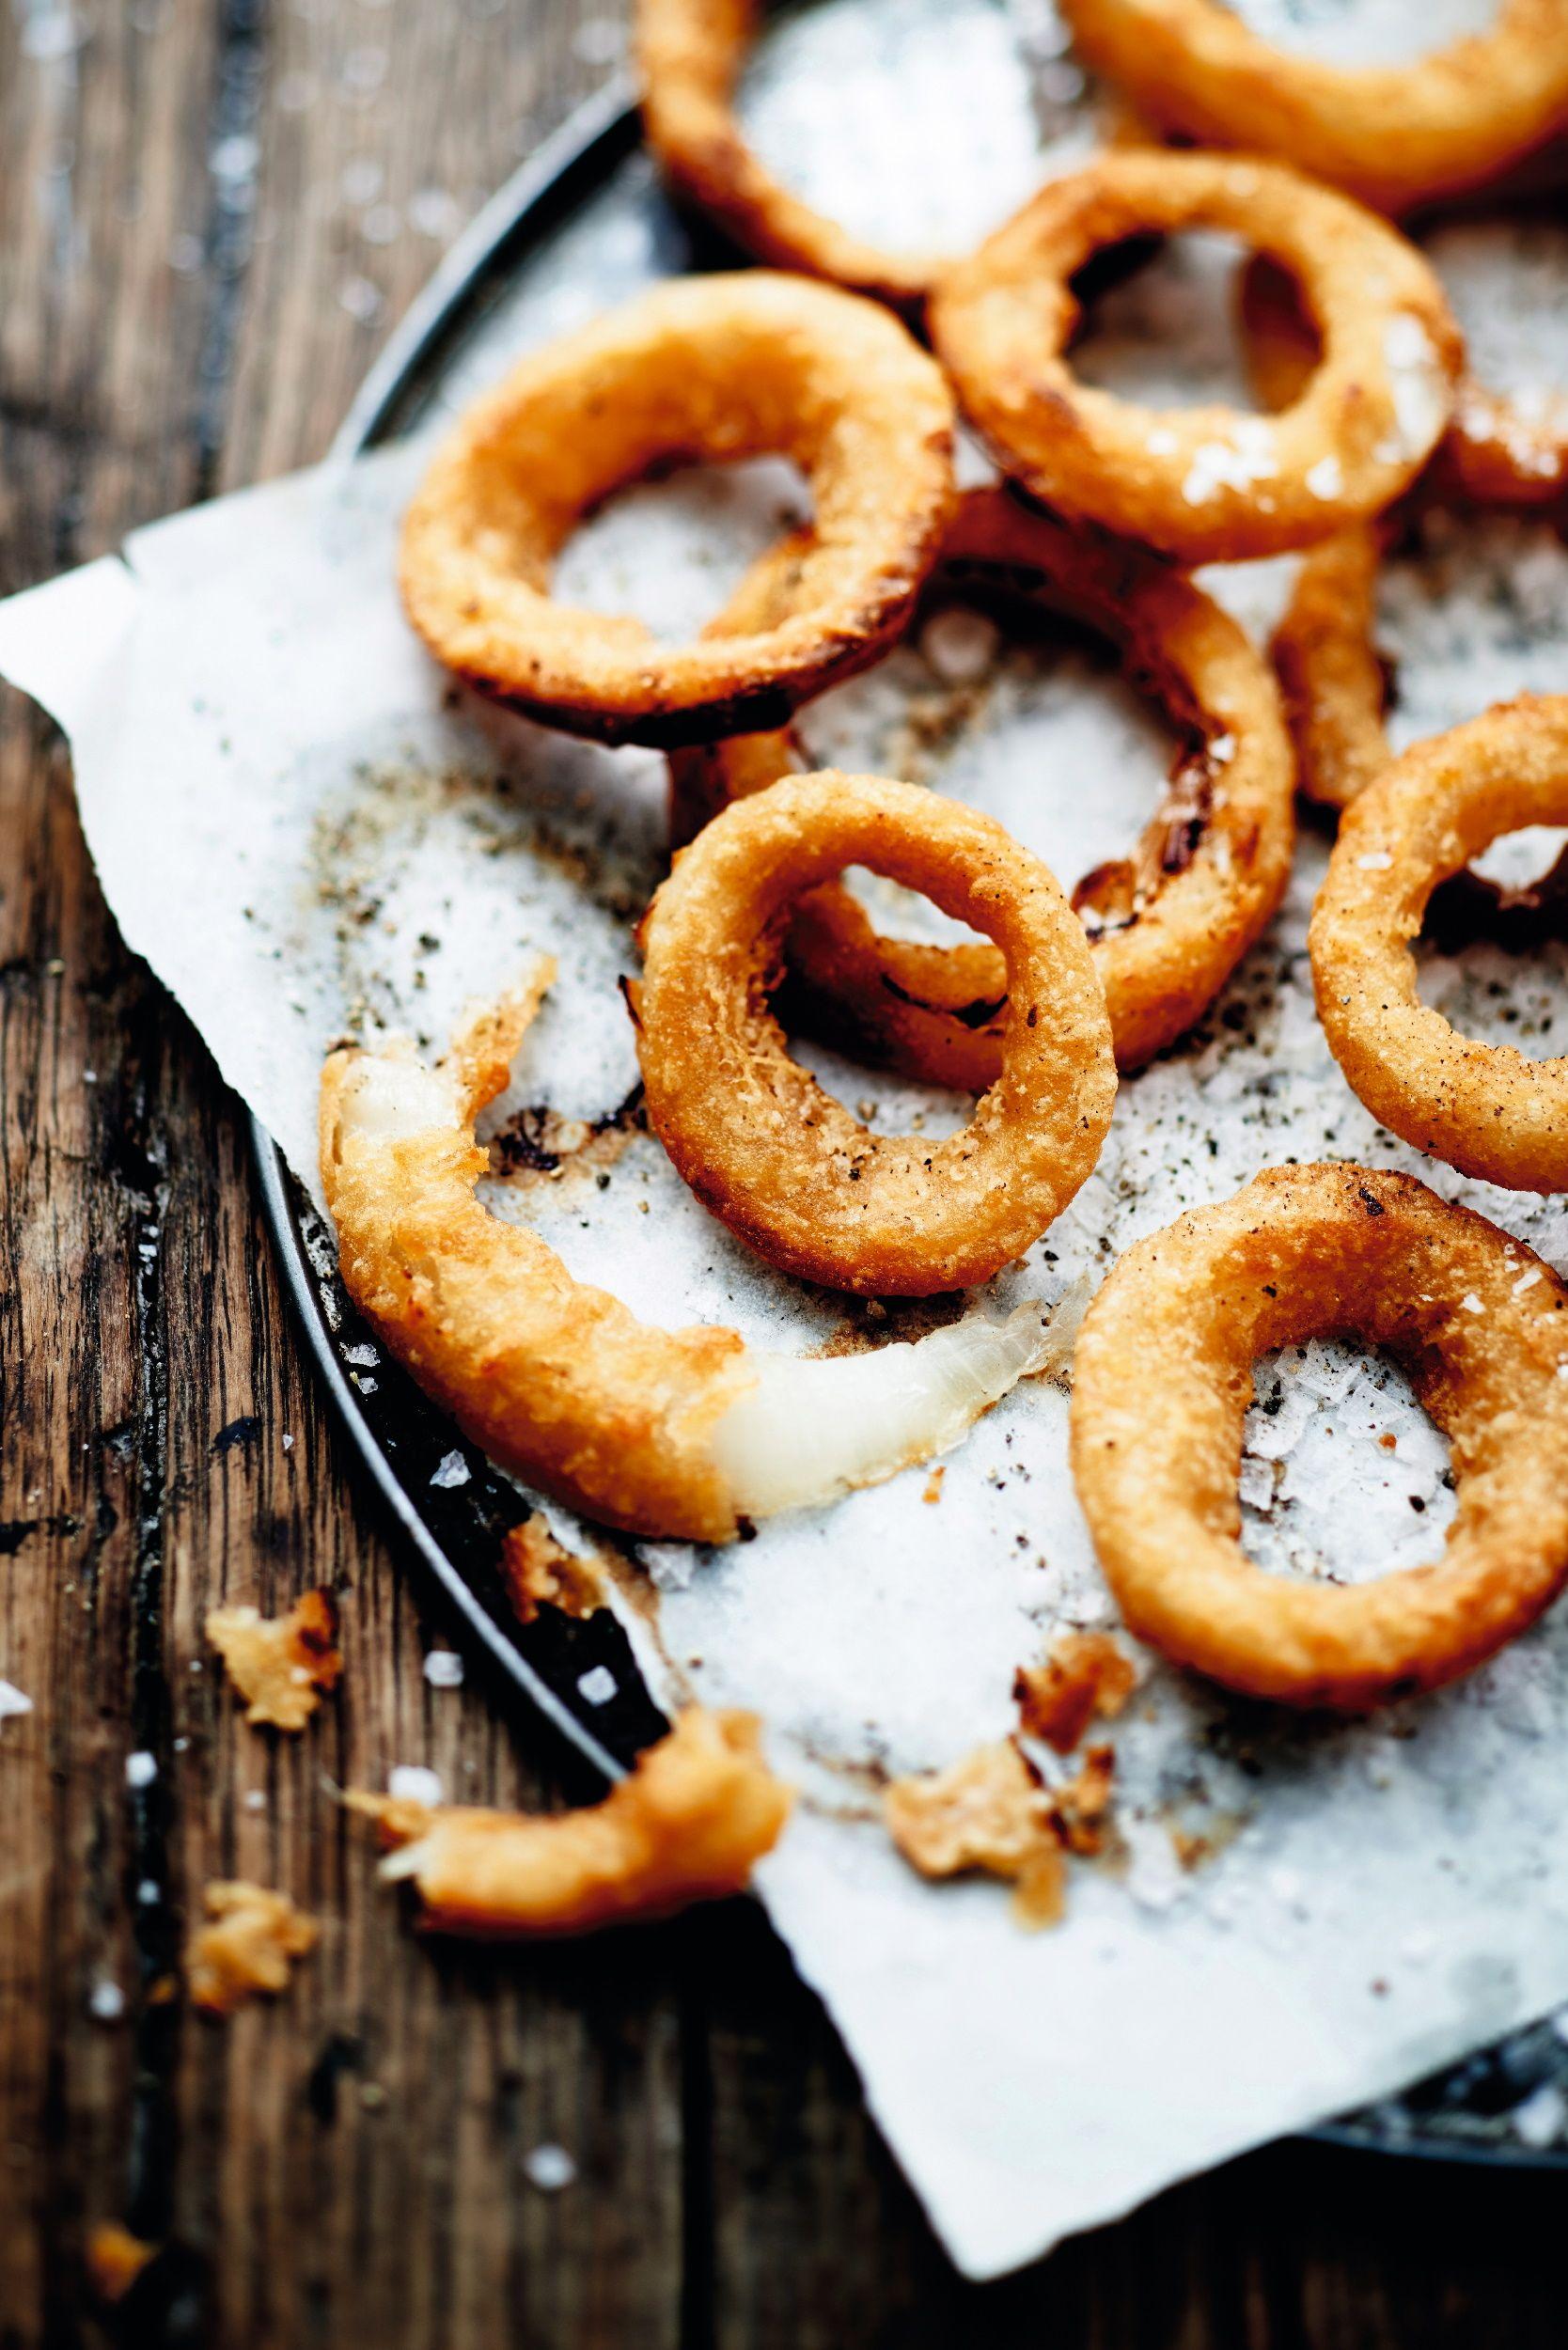 onion rings surgel s cuisine vasion cuisine du monde. Black Bedroom Furniture Sets. Home Design Ideas